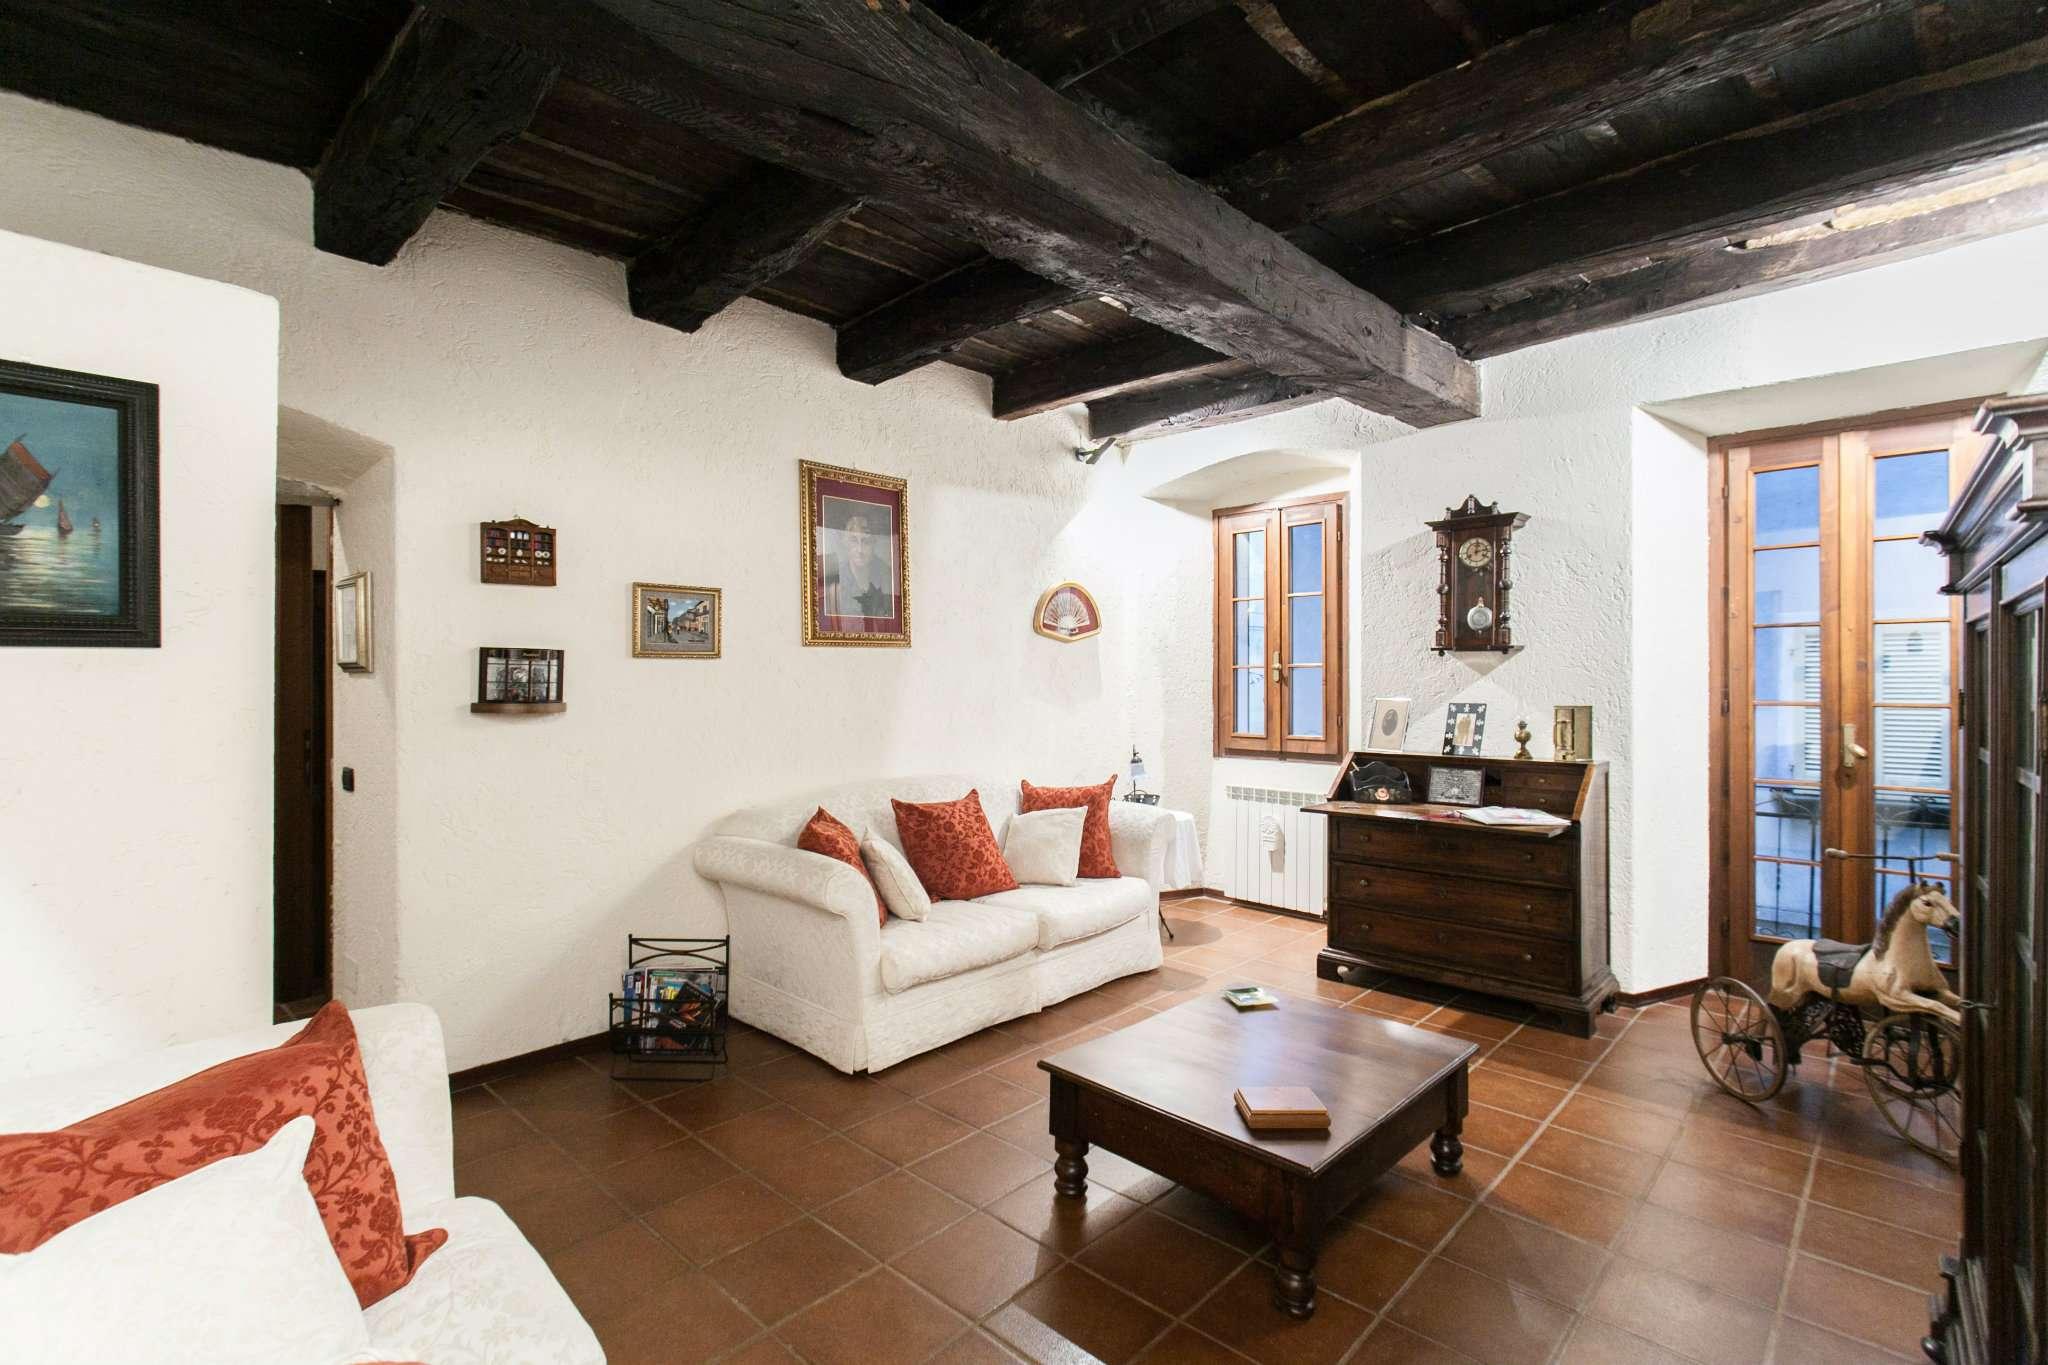 Appartamento in vendita a Orta San Giulio, 3 locali, prezzo € 275.000 | CambioCasa.it